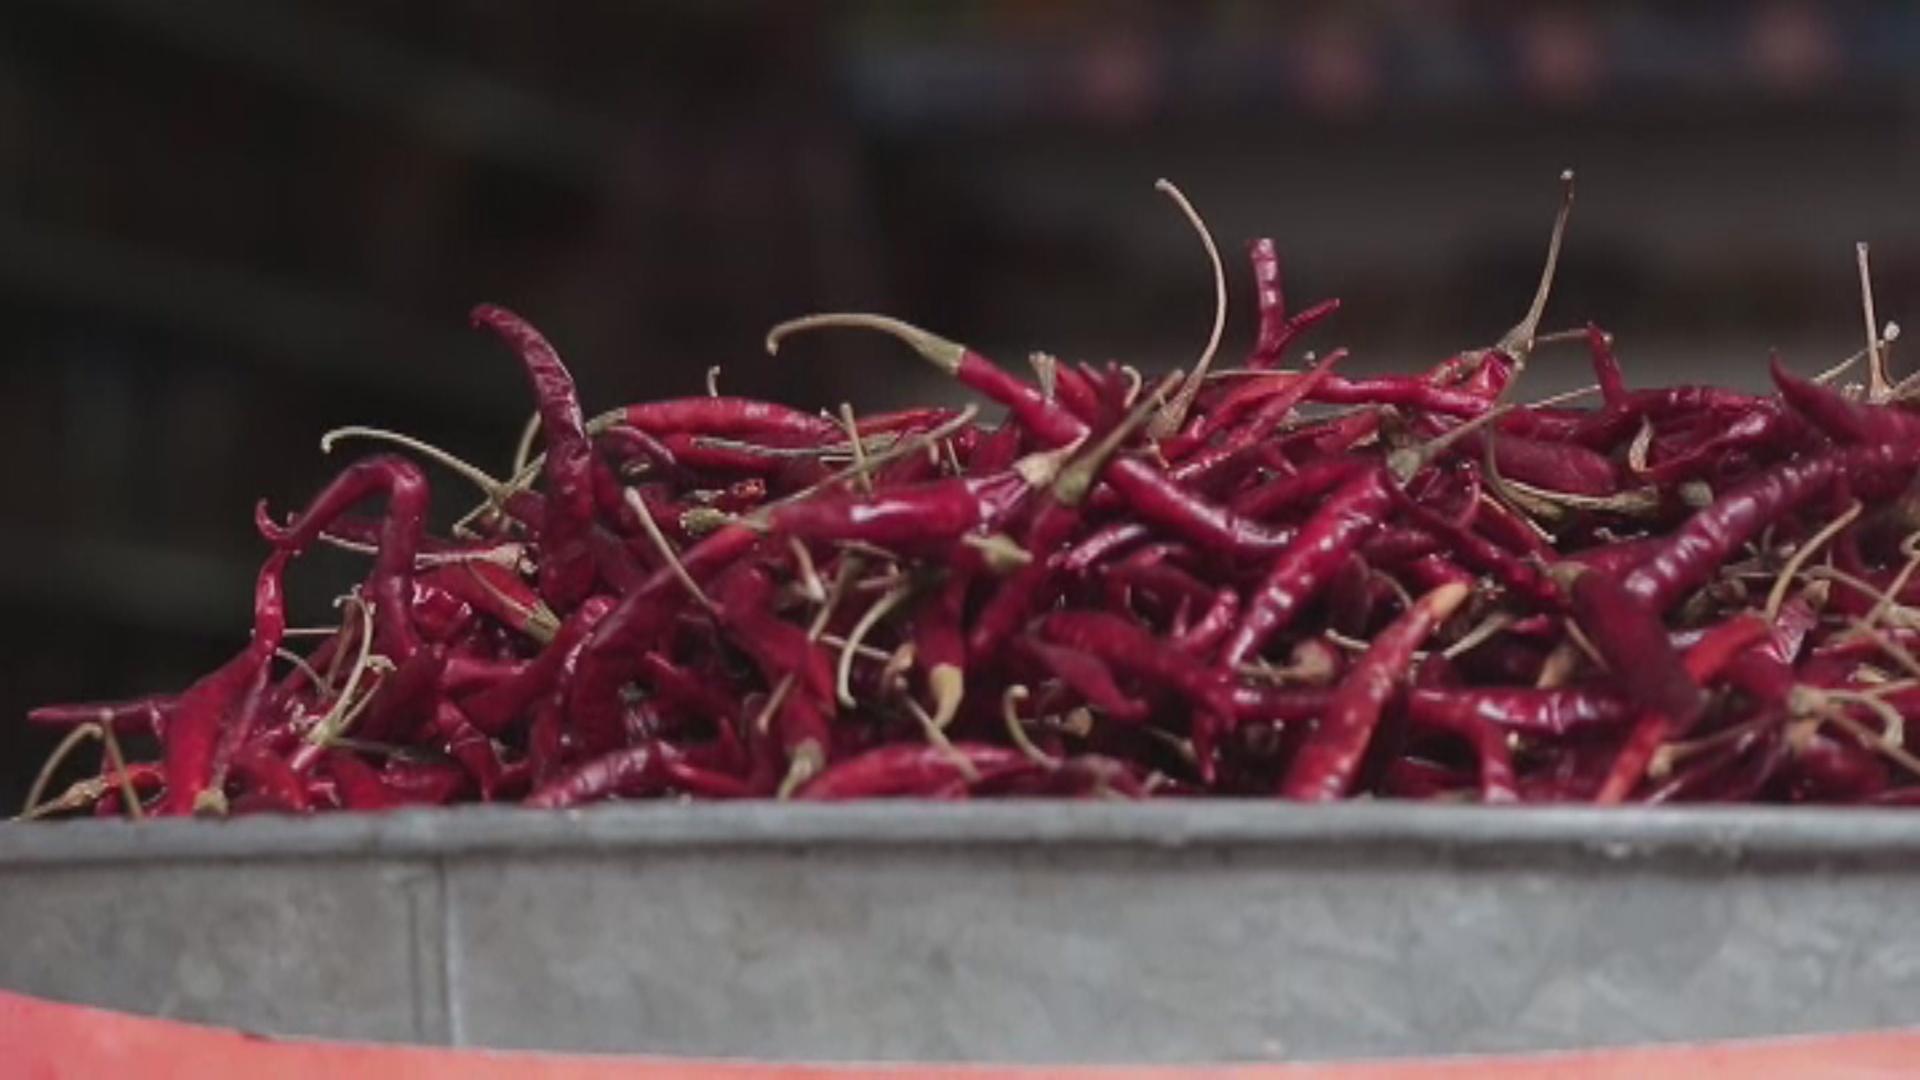 Chile de árbol: el ingrediente que da identidad y sustento a familias mexicanas